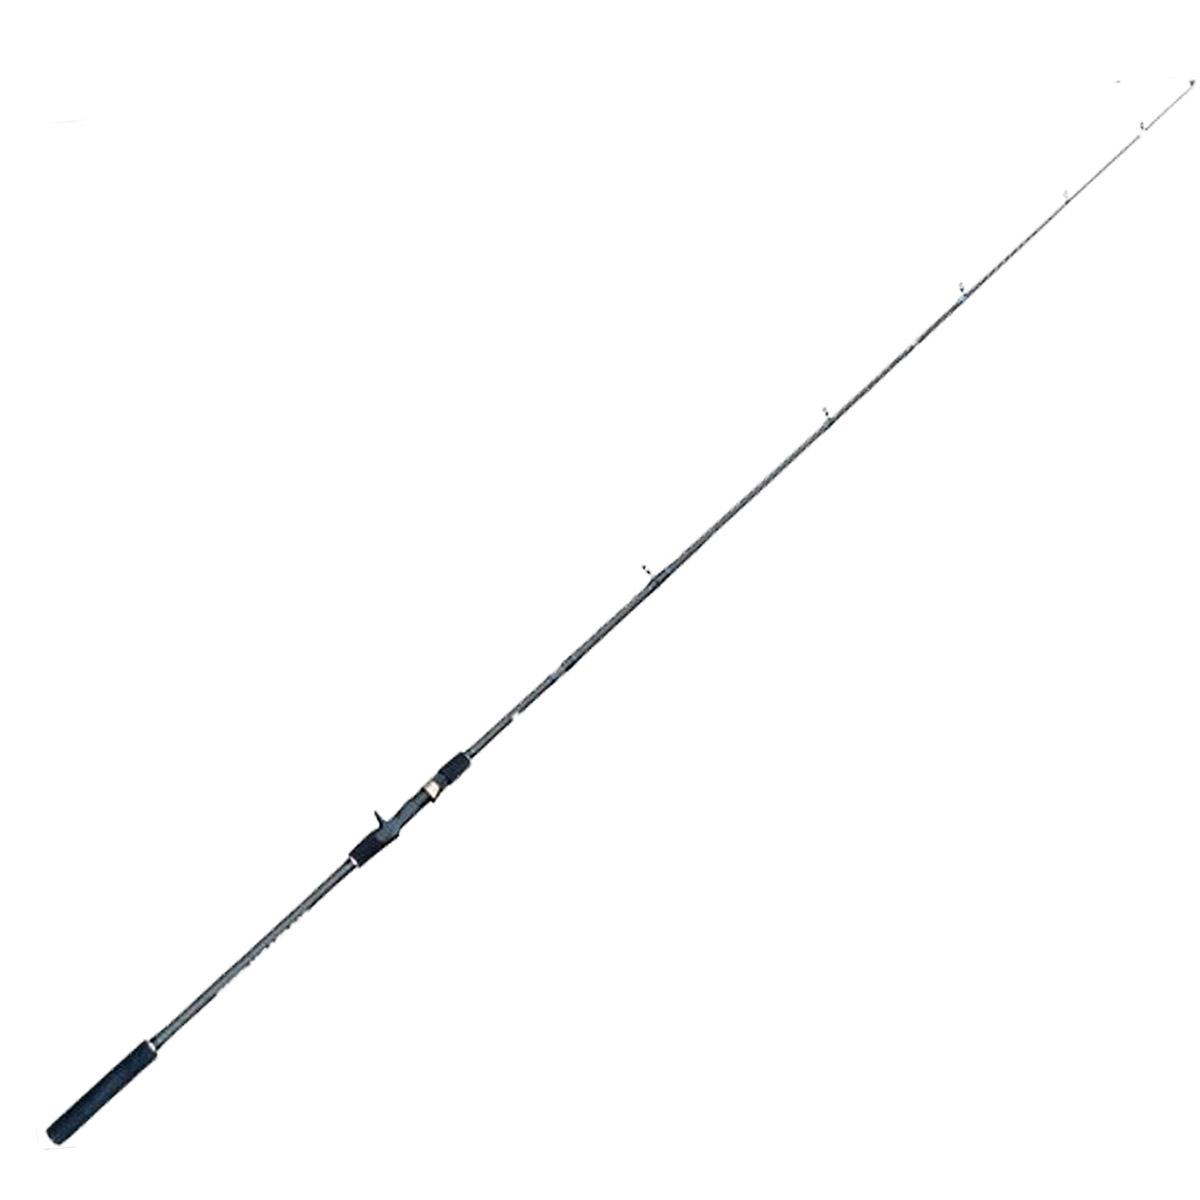 Vara Albatroz Fishing Sargo p/ Carretilha 2,70 m 50 lbs (3 partes)  - Pró Pesca Shop